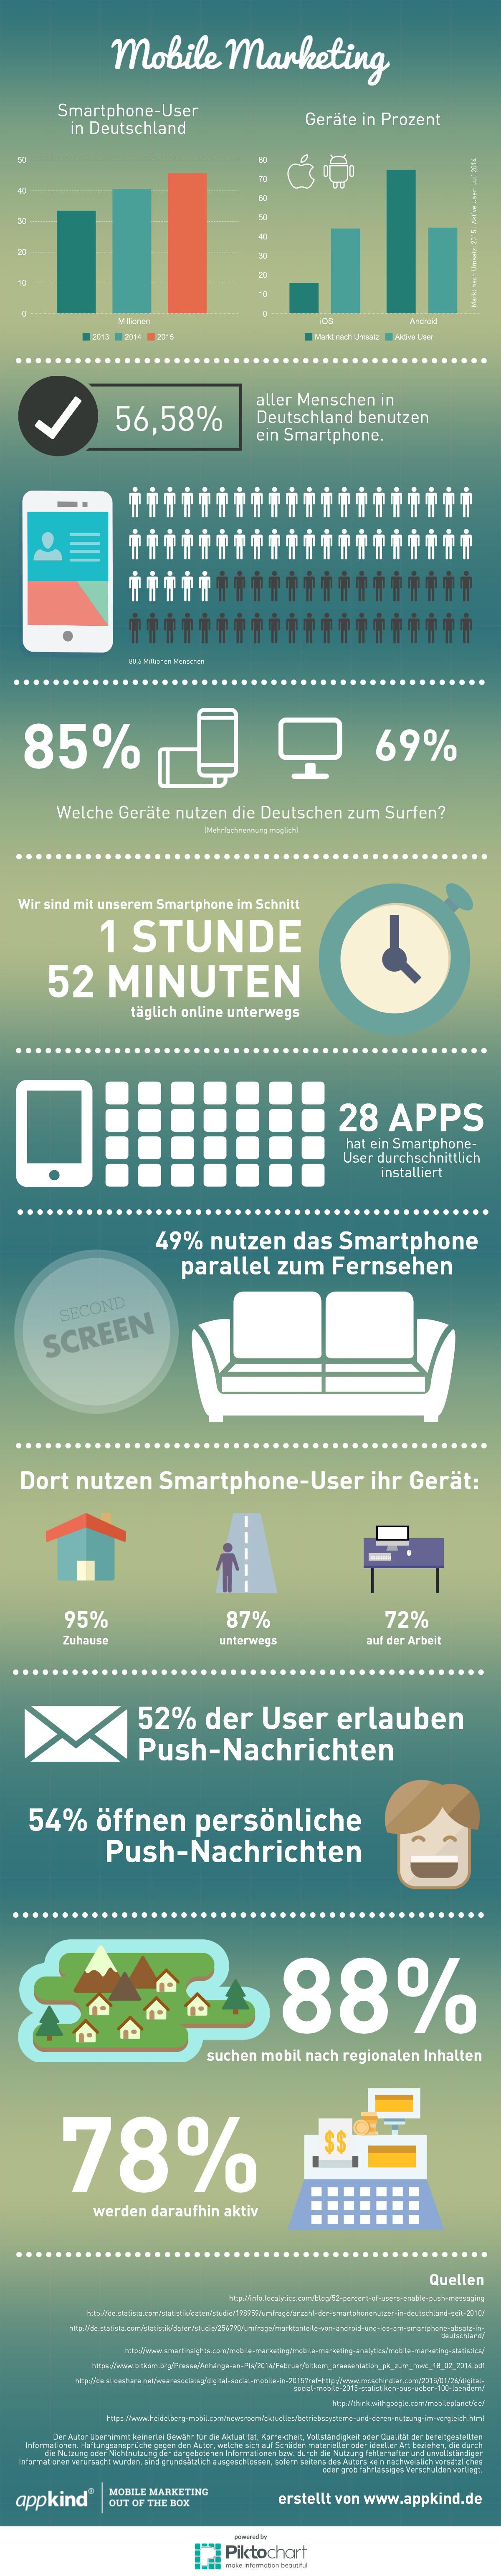 infografik_appkind